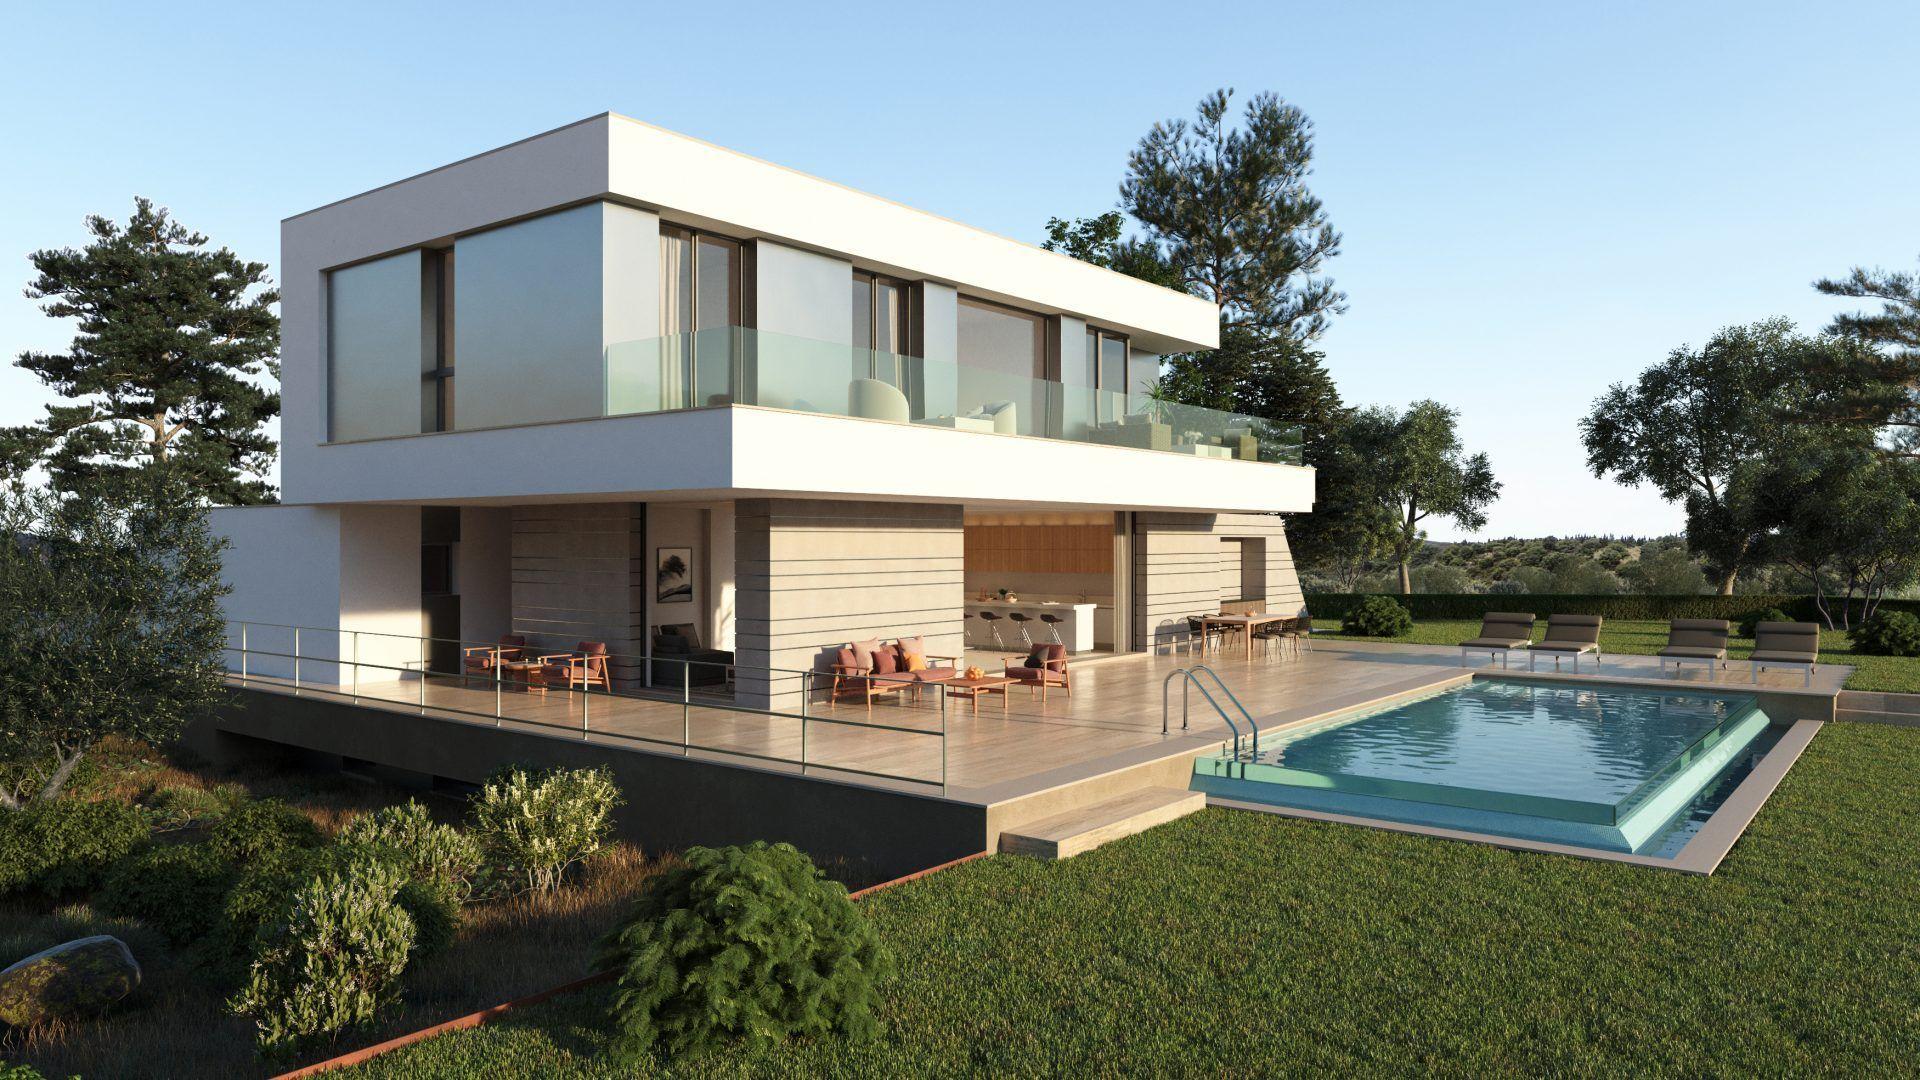 Renders fotorrealistas y visualización de arquitectura para marketing de promoción inmobiliaria Antequera Golf